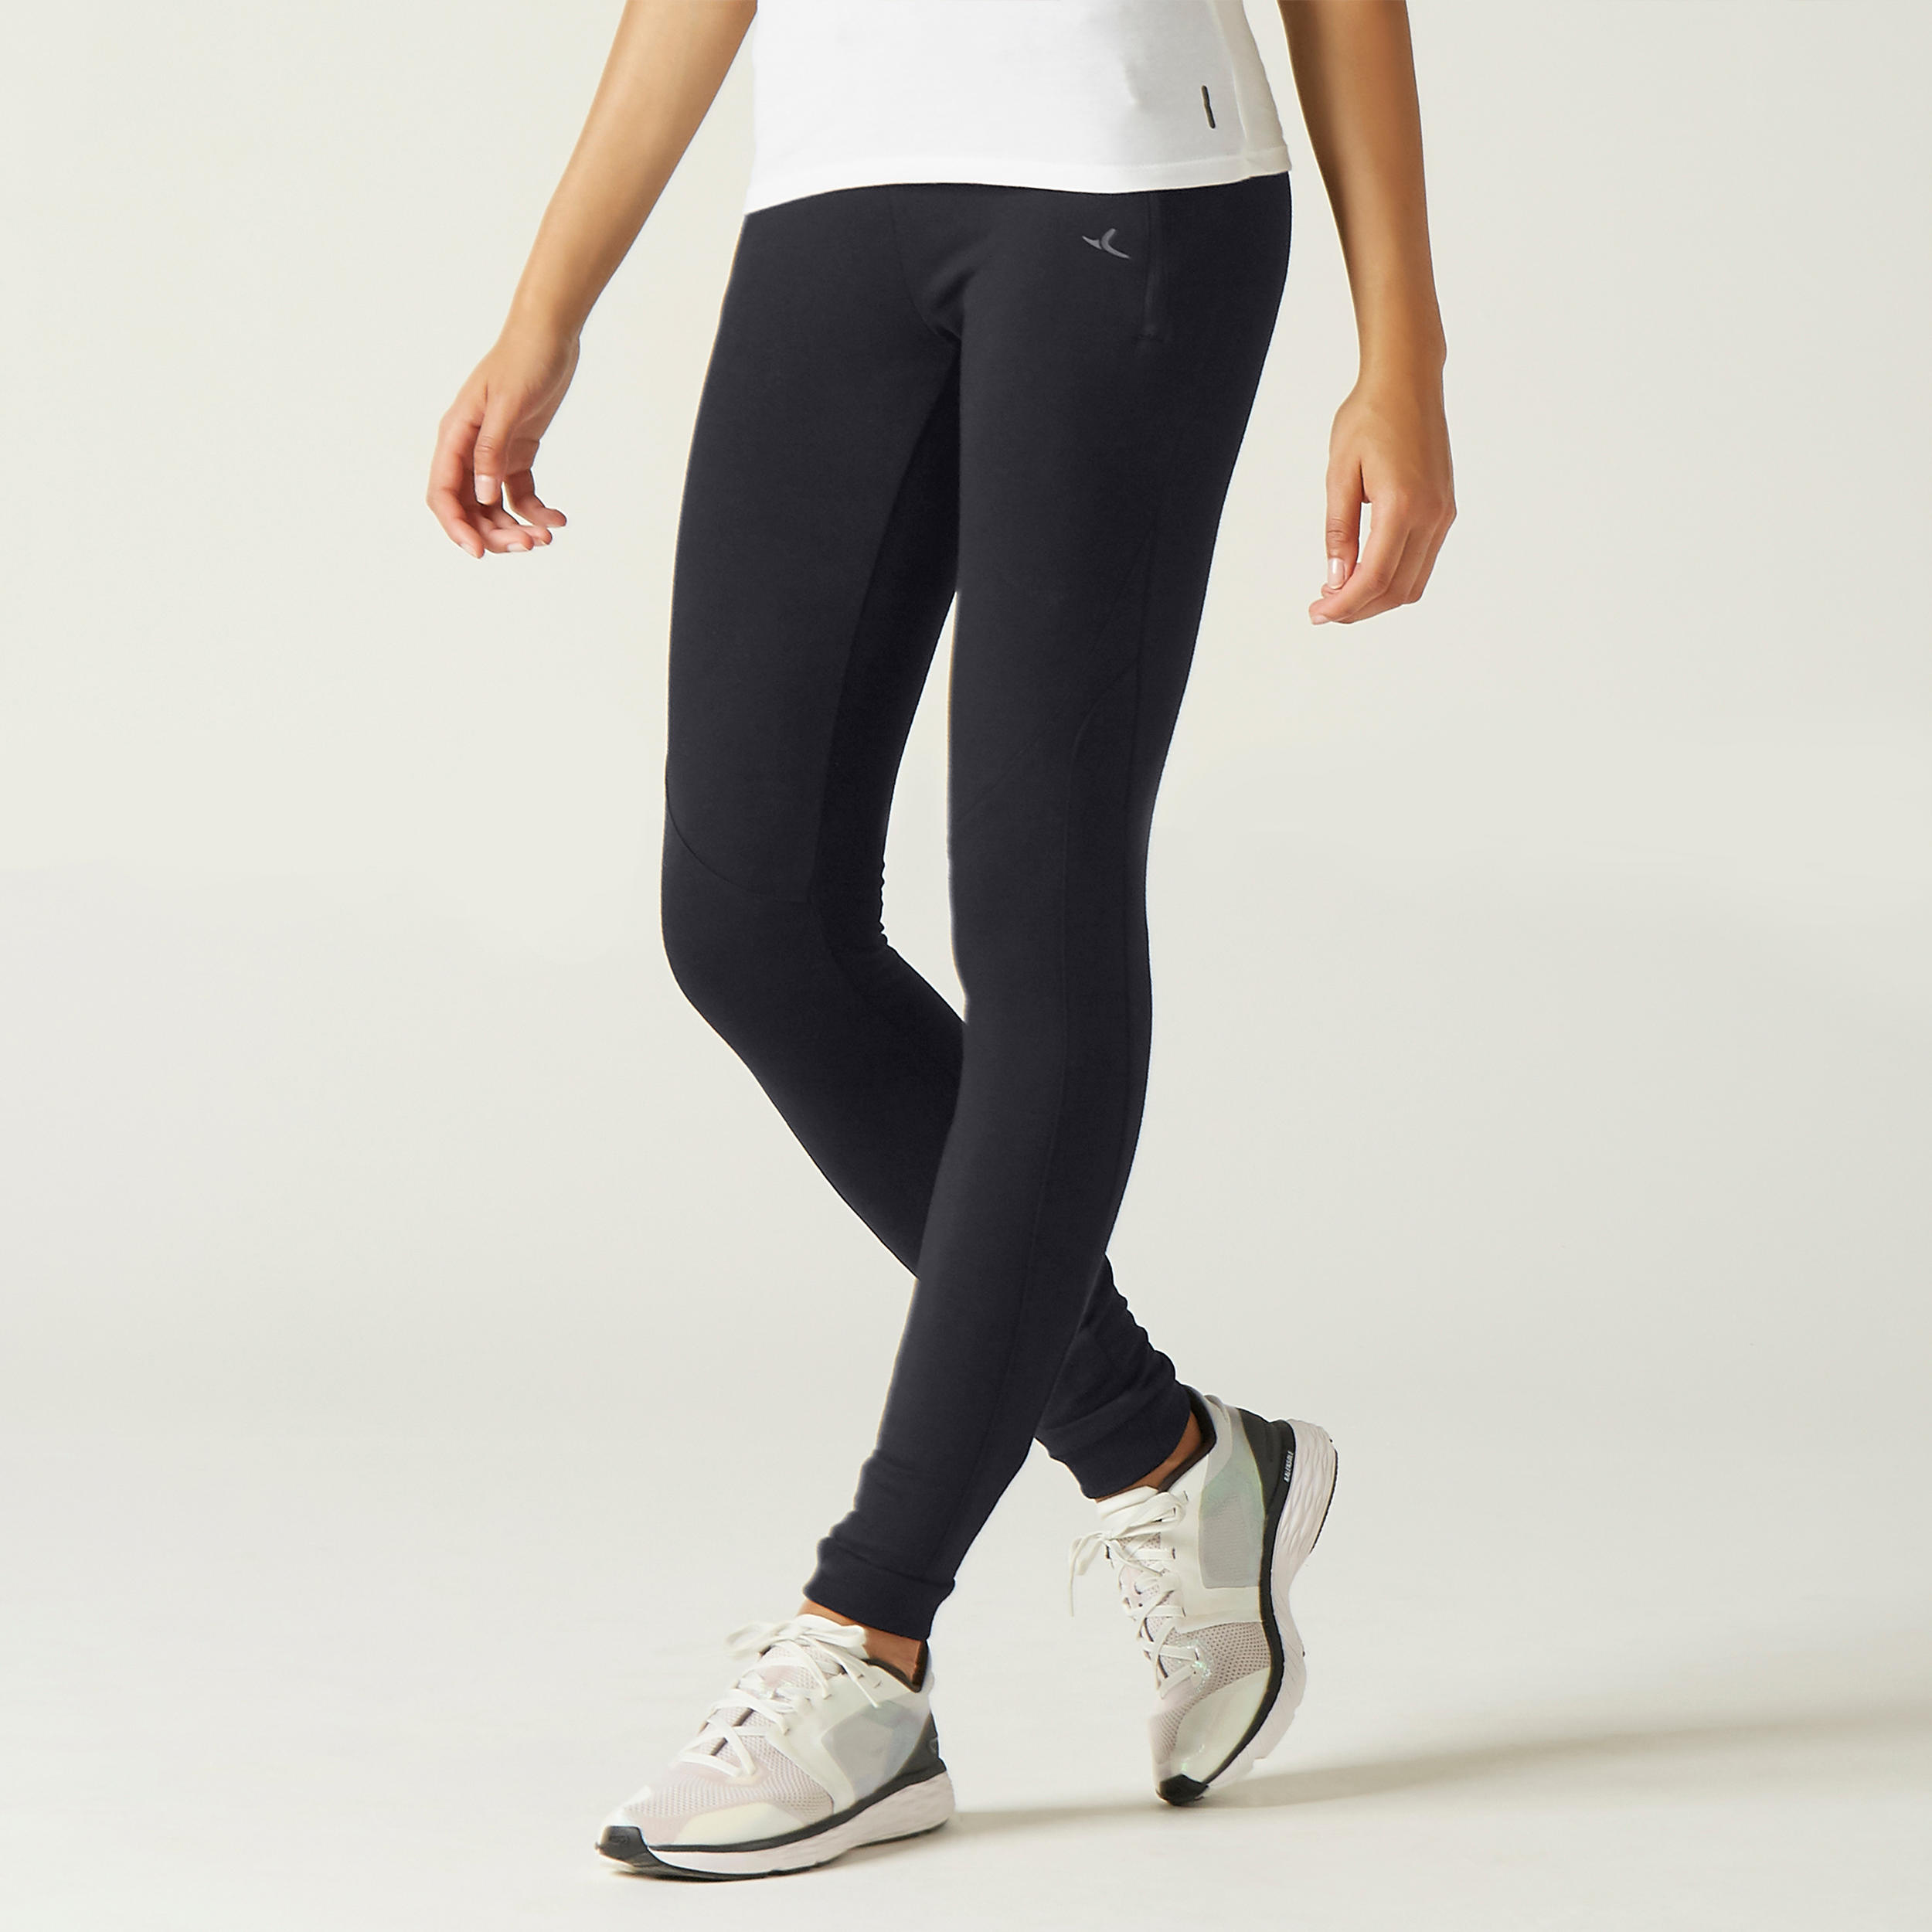 Pantalon trening slim 520 Damă